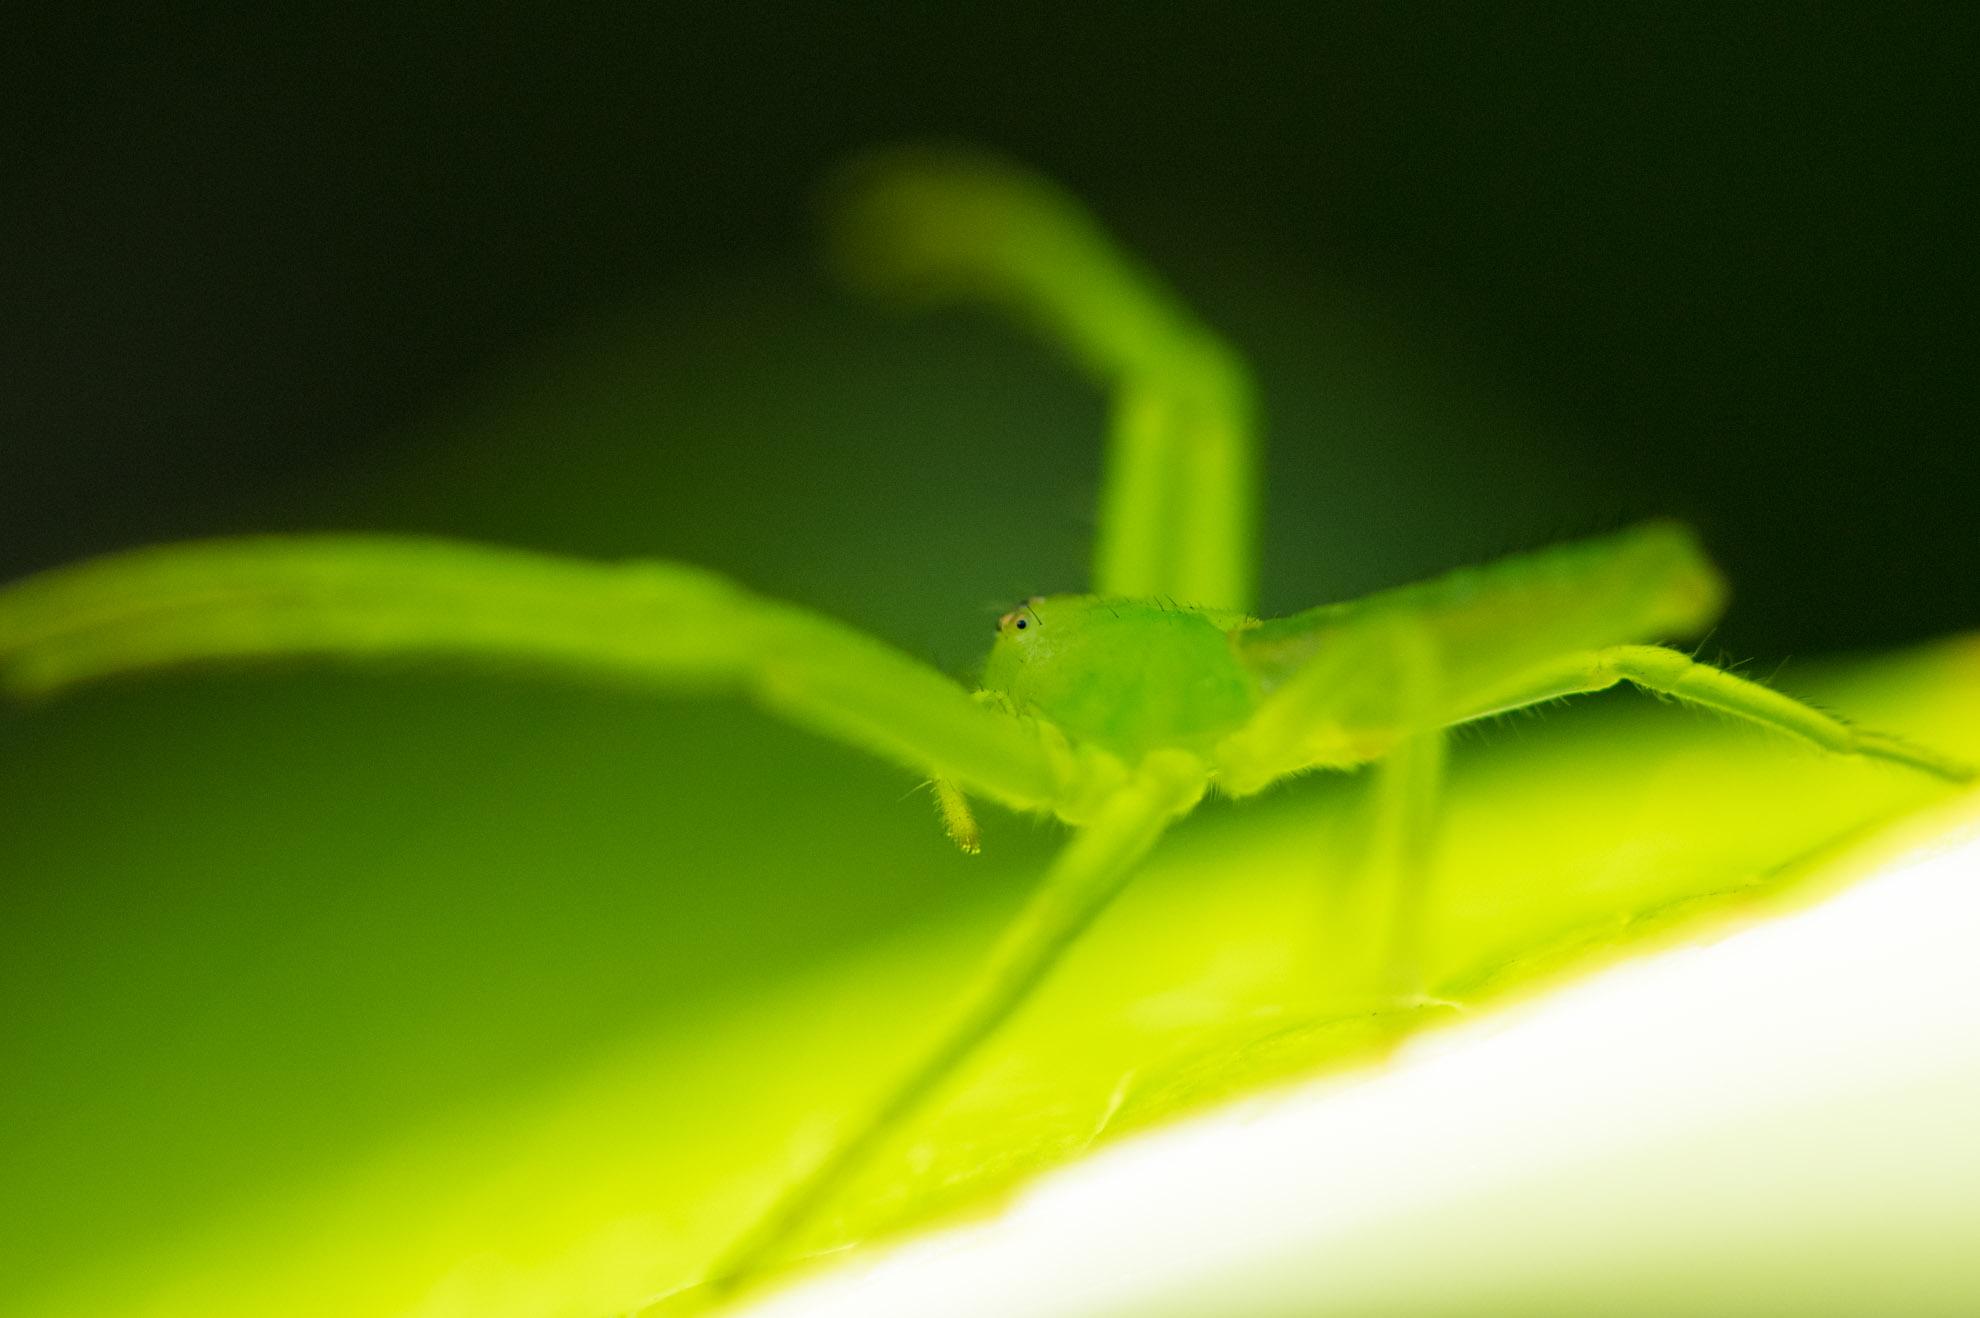 緑色で透ける蜘蛛ことササグモ